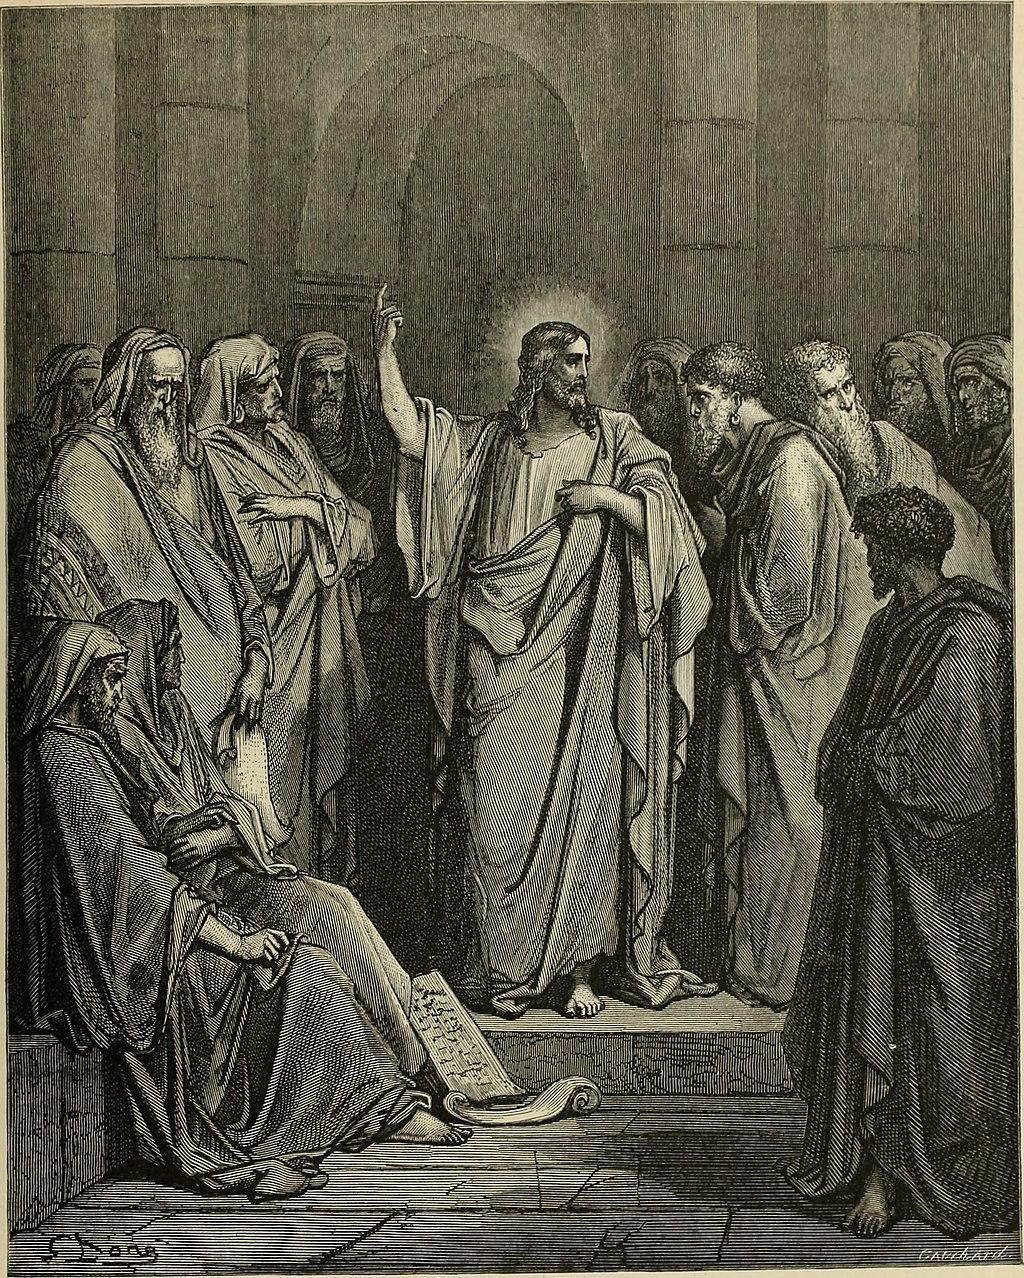 회당에서 가르치시는 예수님 (귀스타브 도레, Gustave Dore, 1865년)